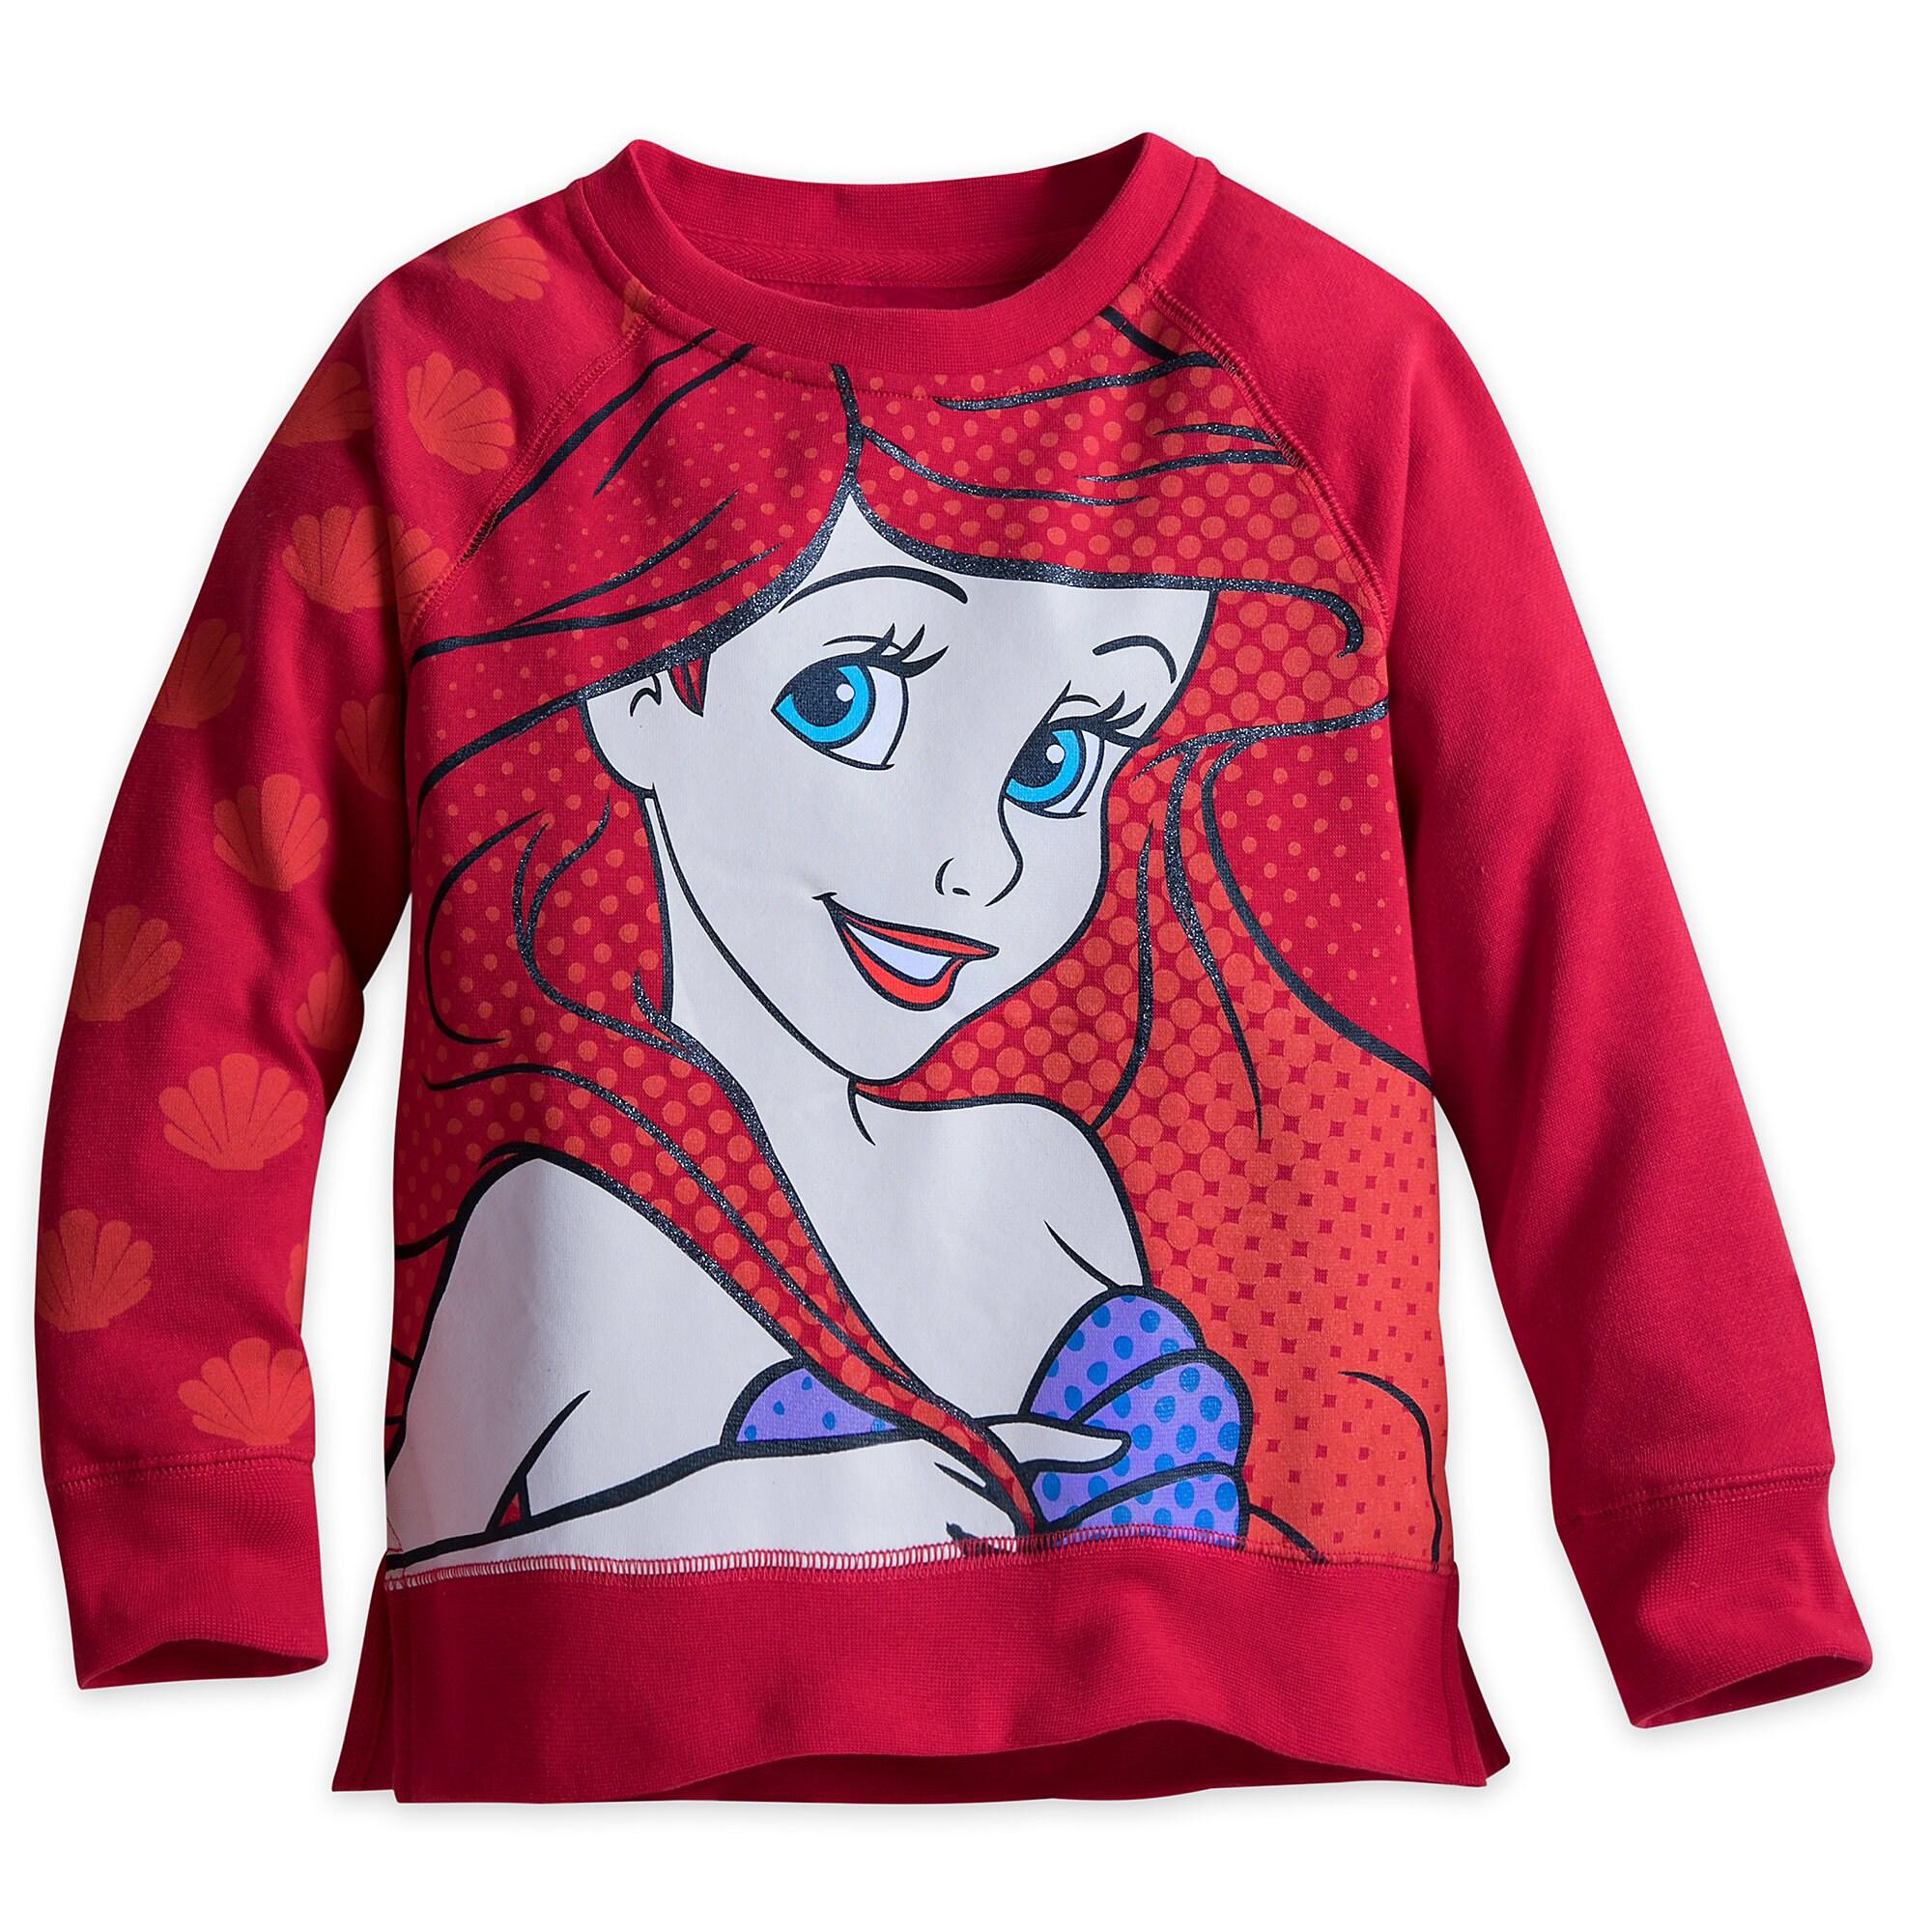 Ariel Fleece Top for Girls